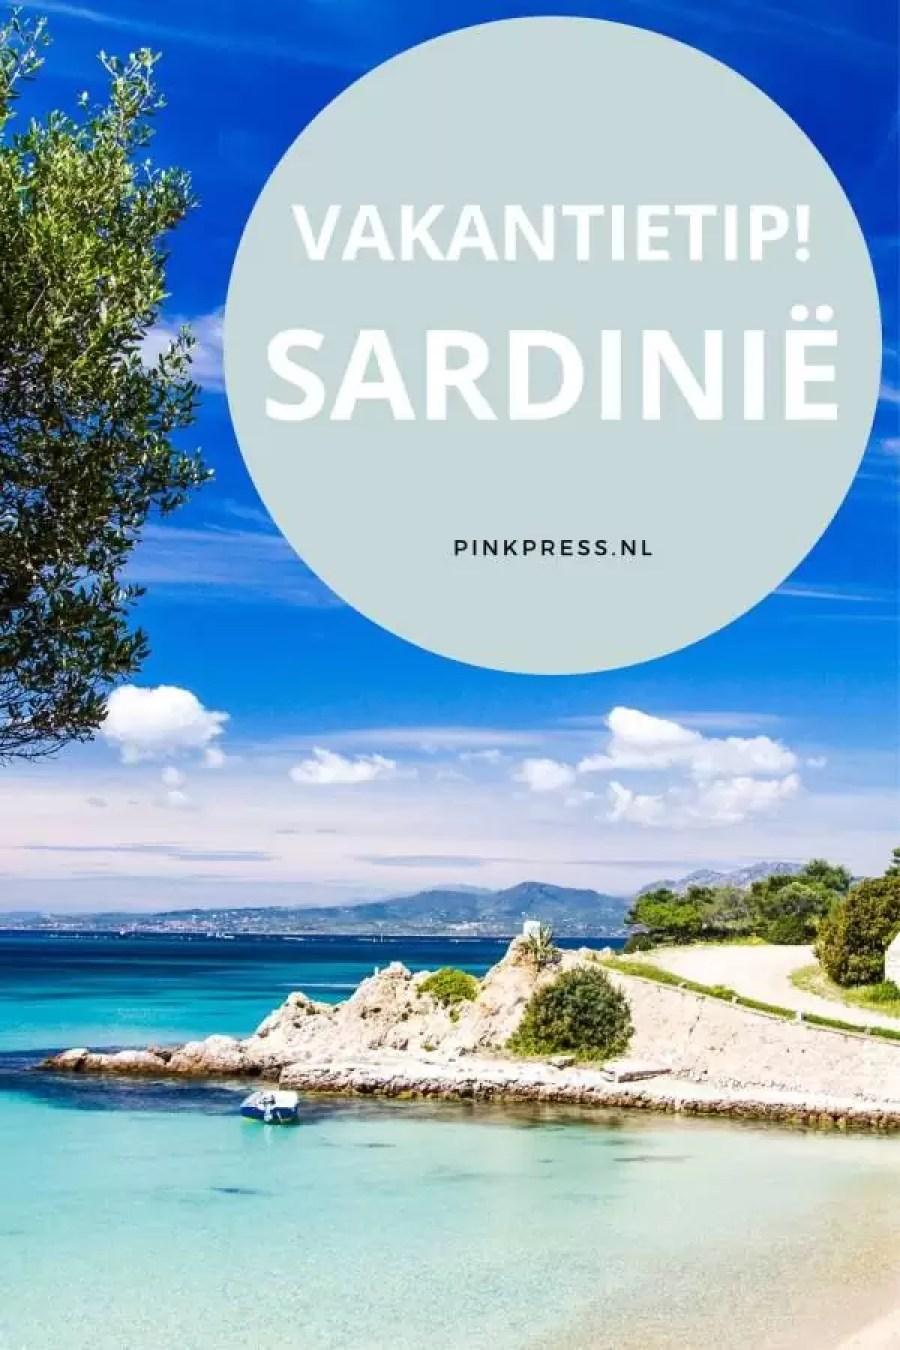 vakantietip sardinie